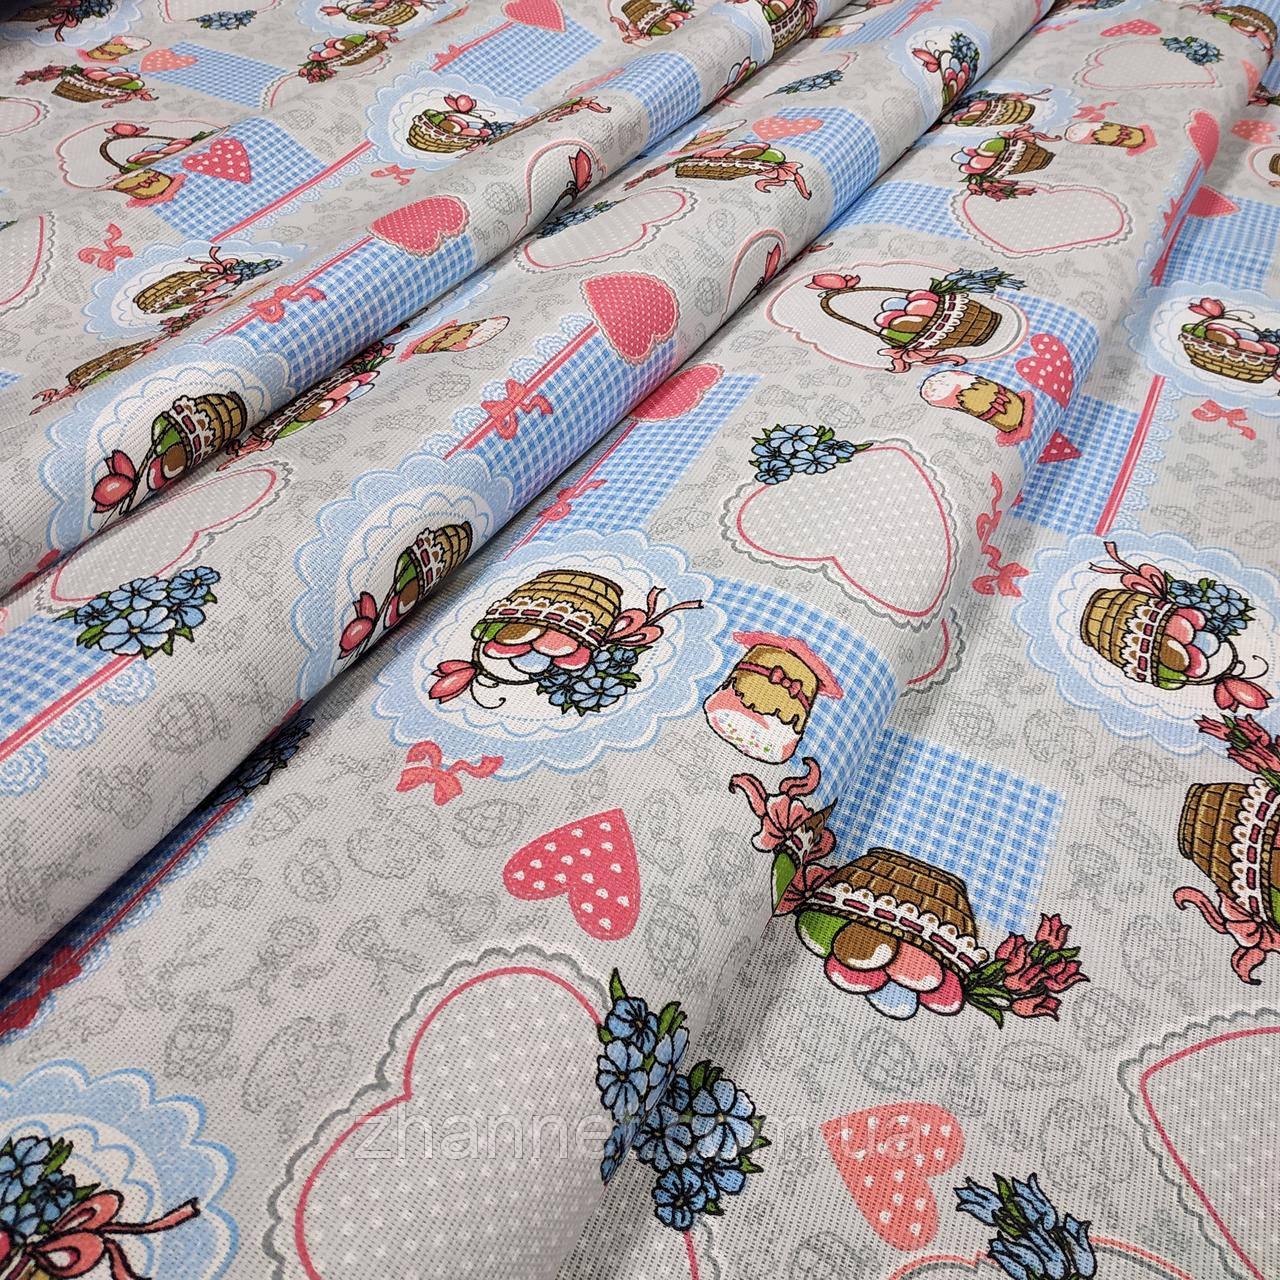 Ткани для скатертей купить оптом купить портьерную ткань блэкаут метражом